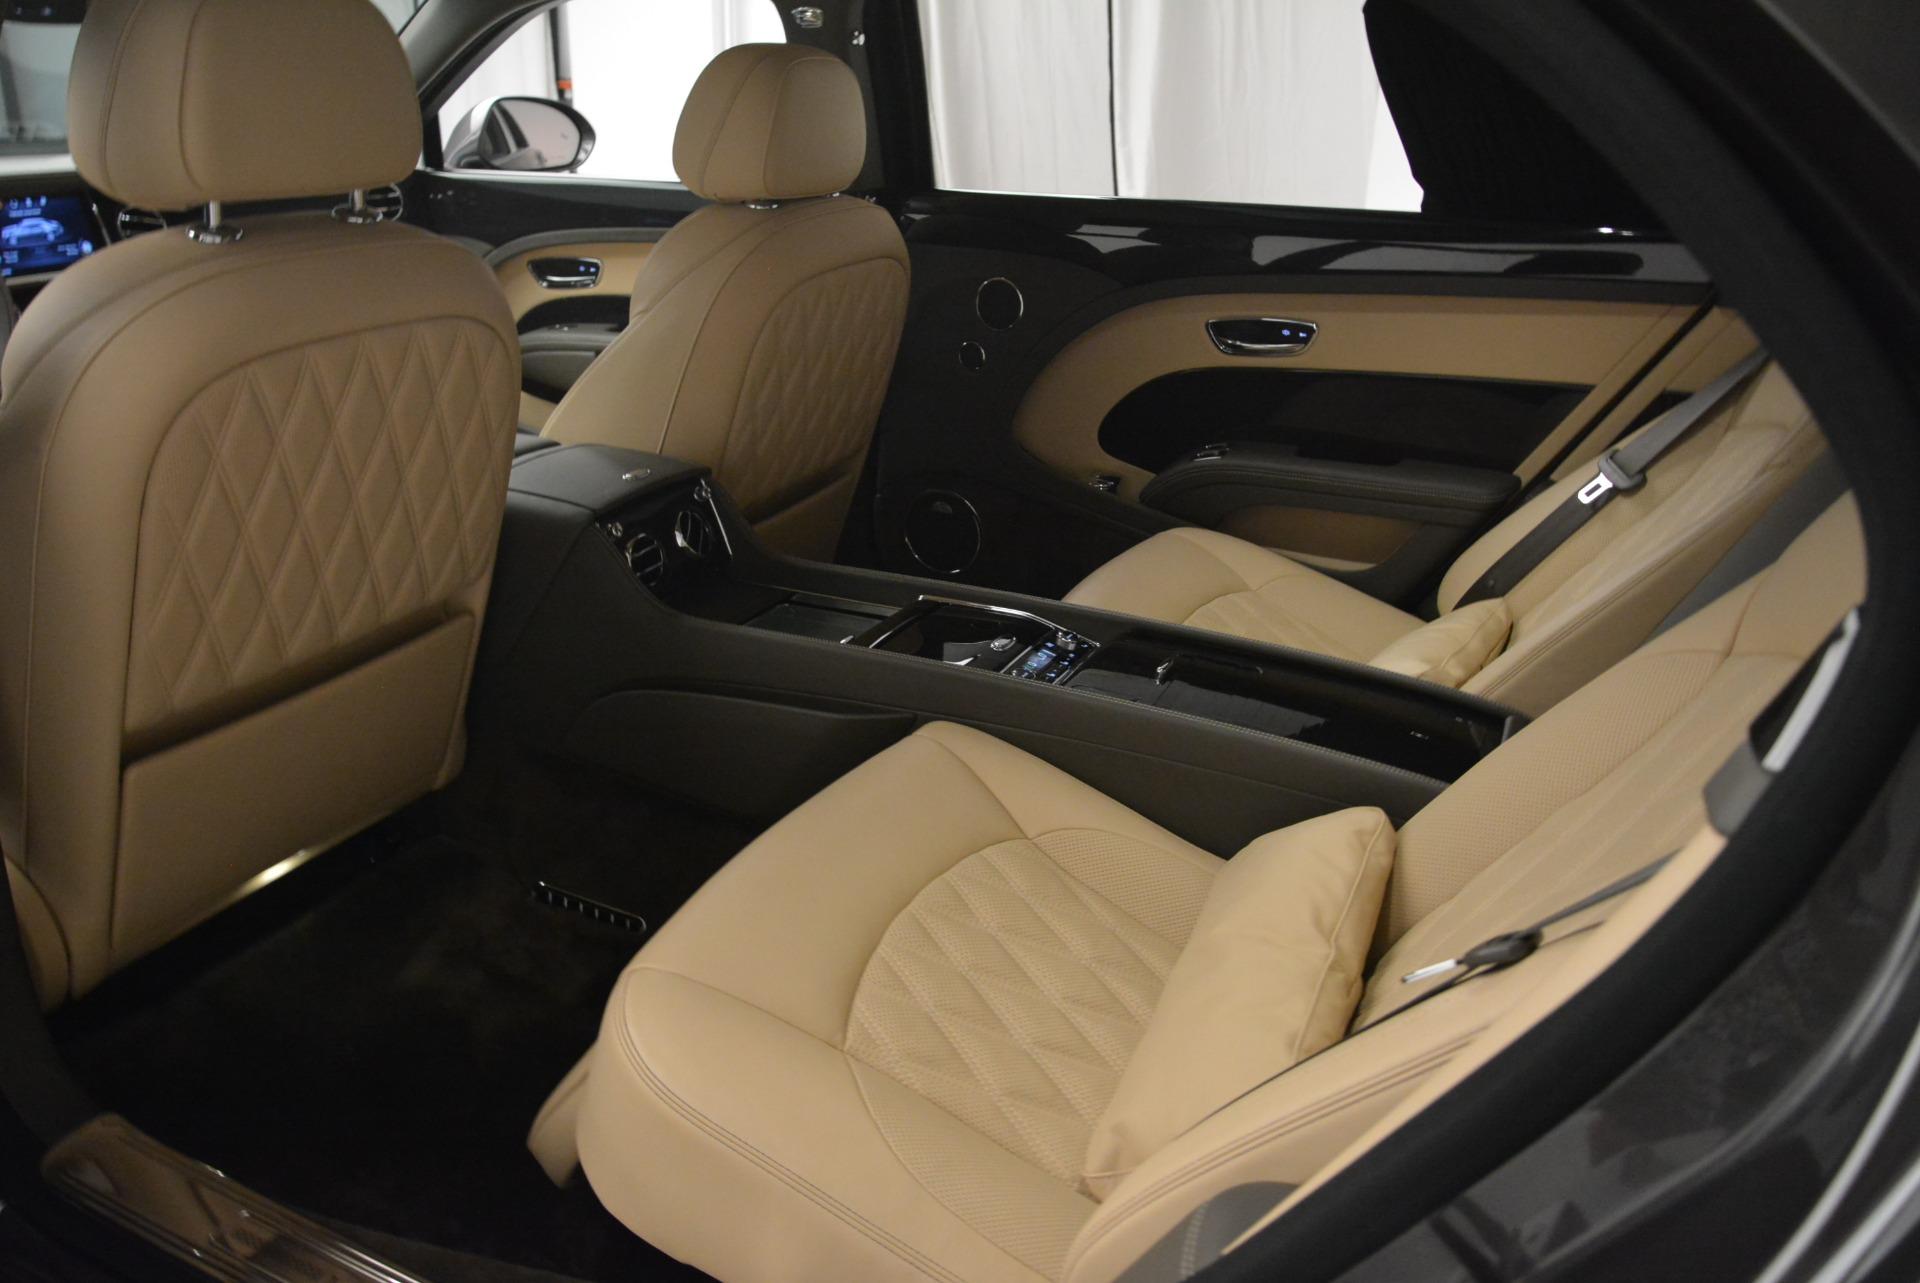 Used 2017 Bentley Mulsanne EWB For Sale In Westport, CT 1554_p17